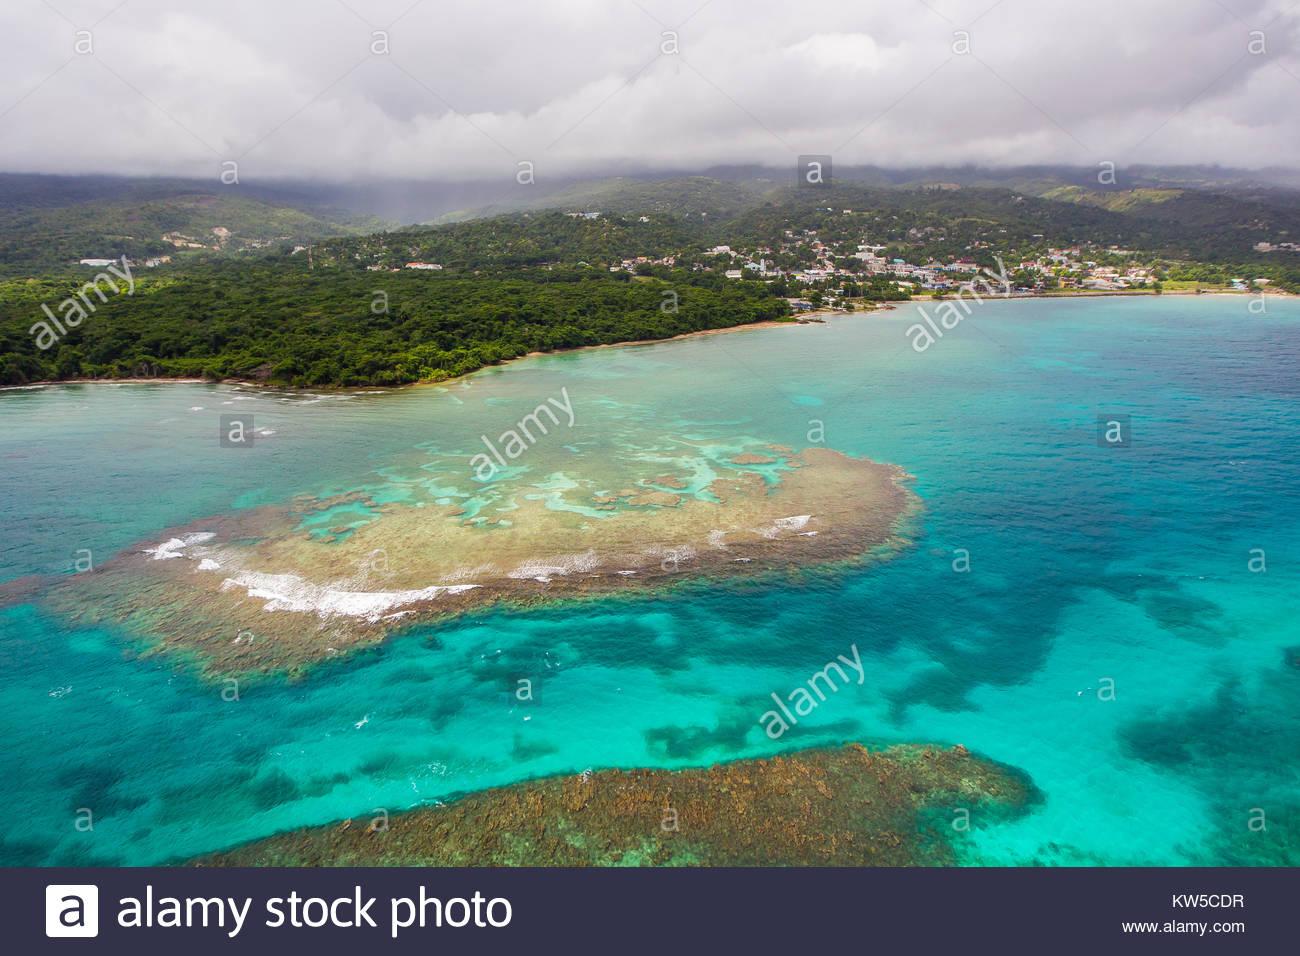 Una veduta aerea di barriere coralline e sabbia appartamenti della costa nord della Giamaica. Immagini Stock